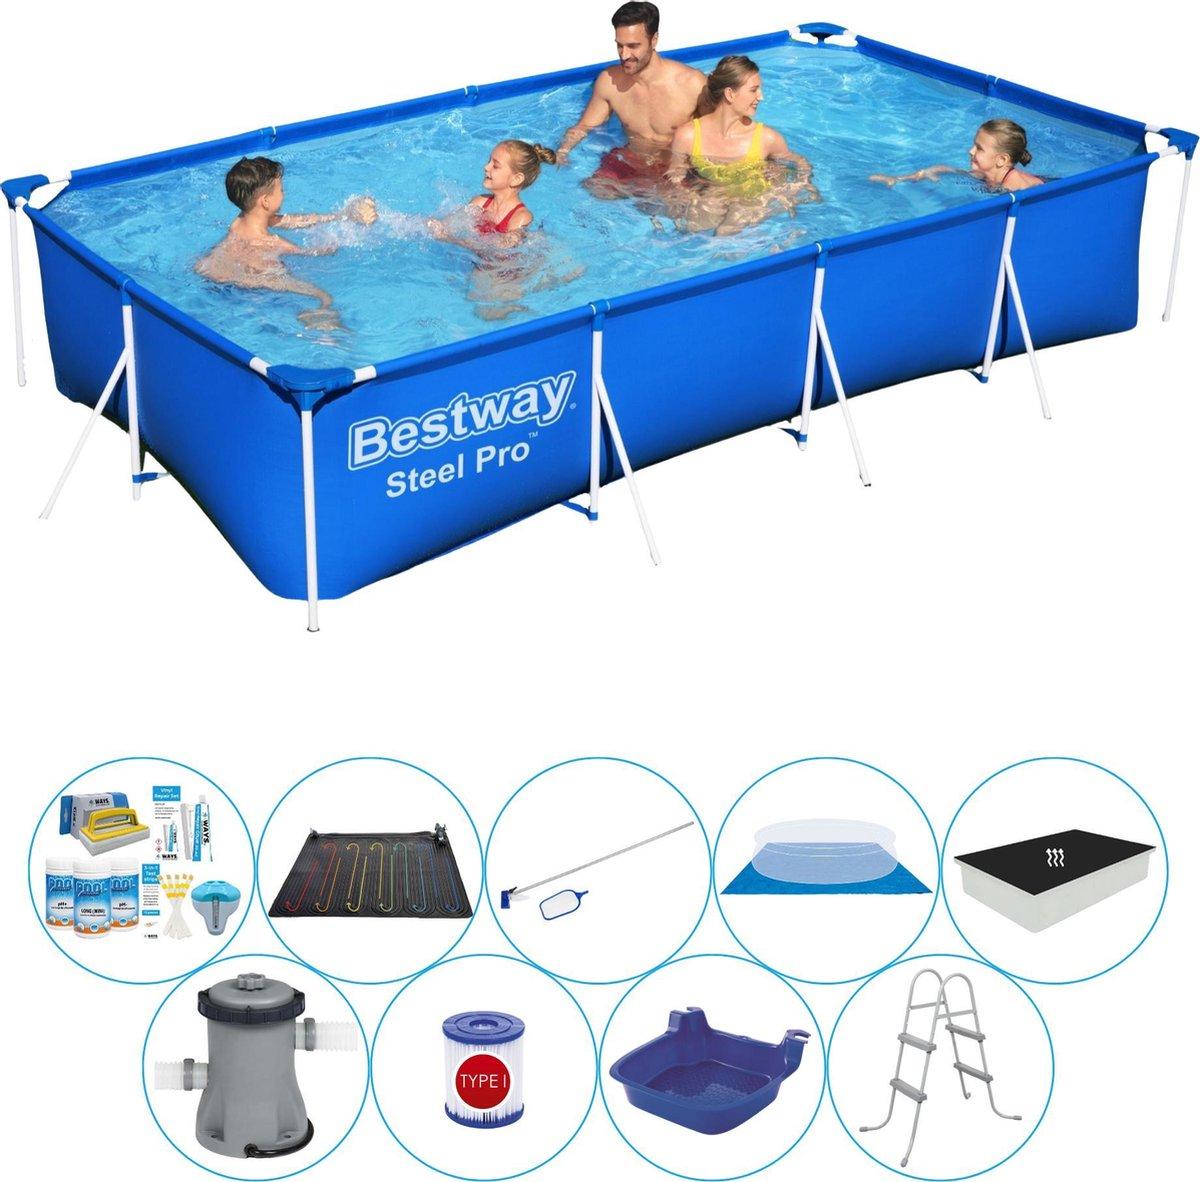 Deluxe Zwembad Set - Bestway Steel Pro Rechthoekig 400x211x81 cm